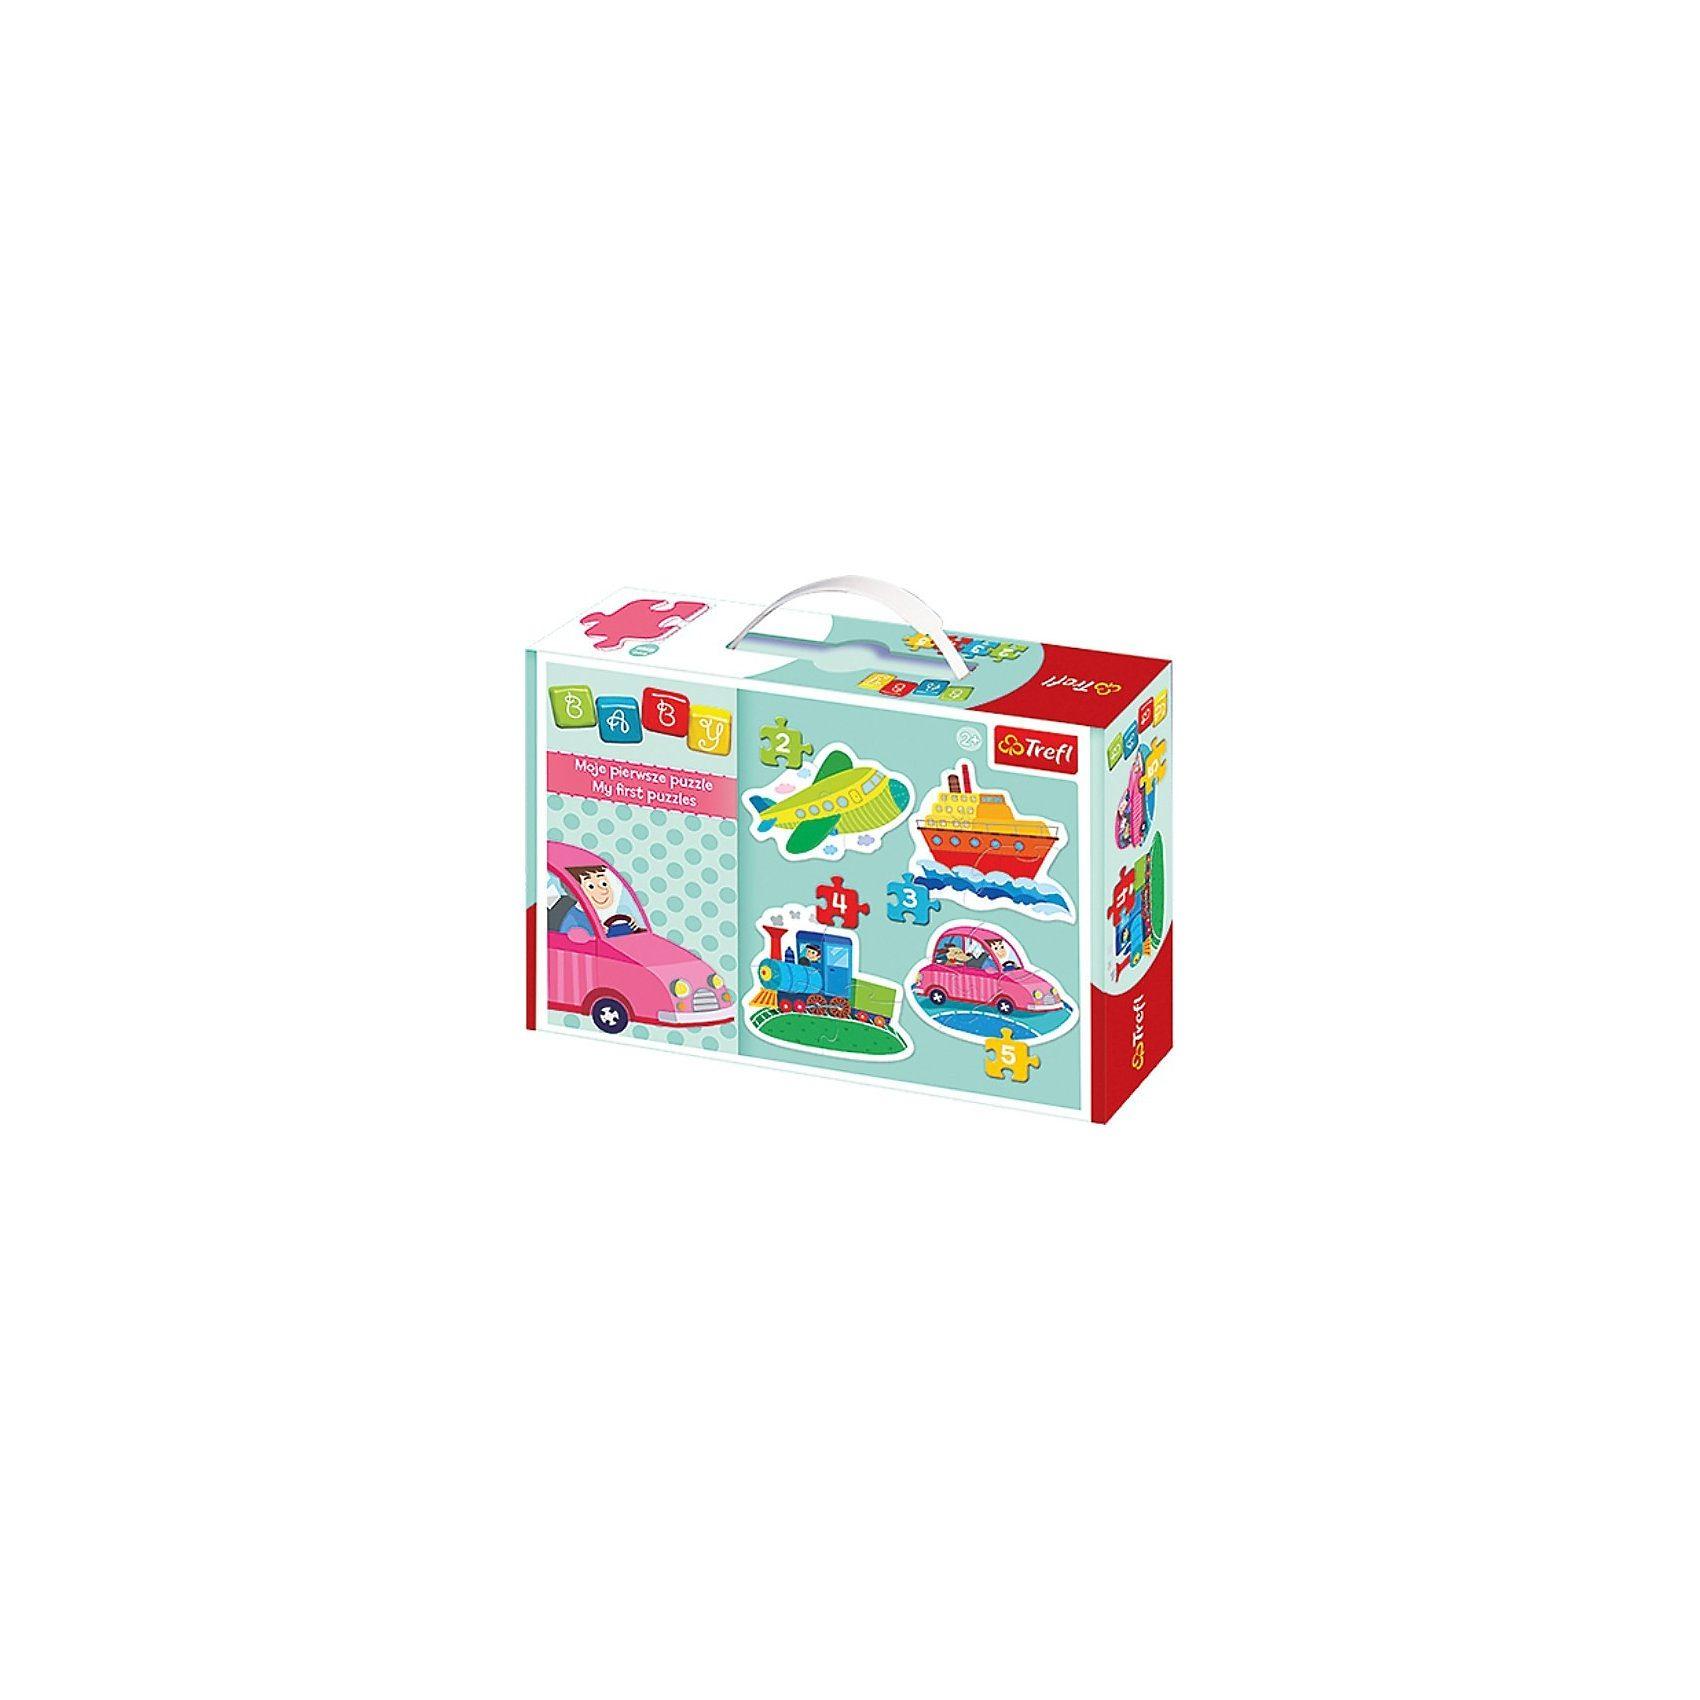 Trefl Baby Puzzle - Fahrzeuge